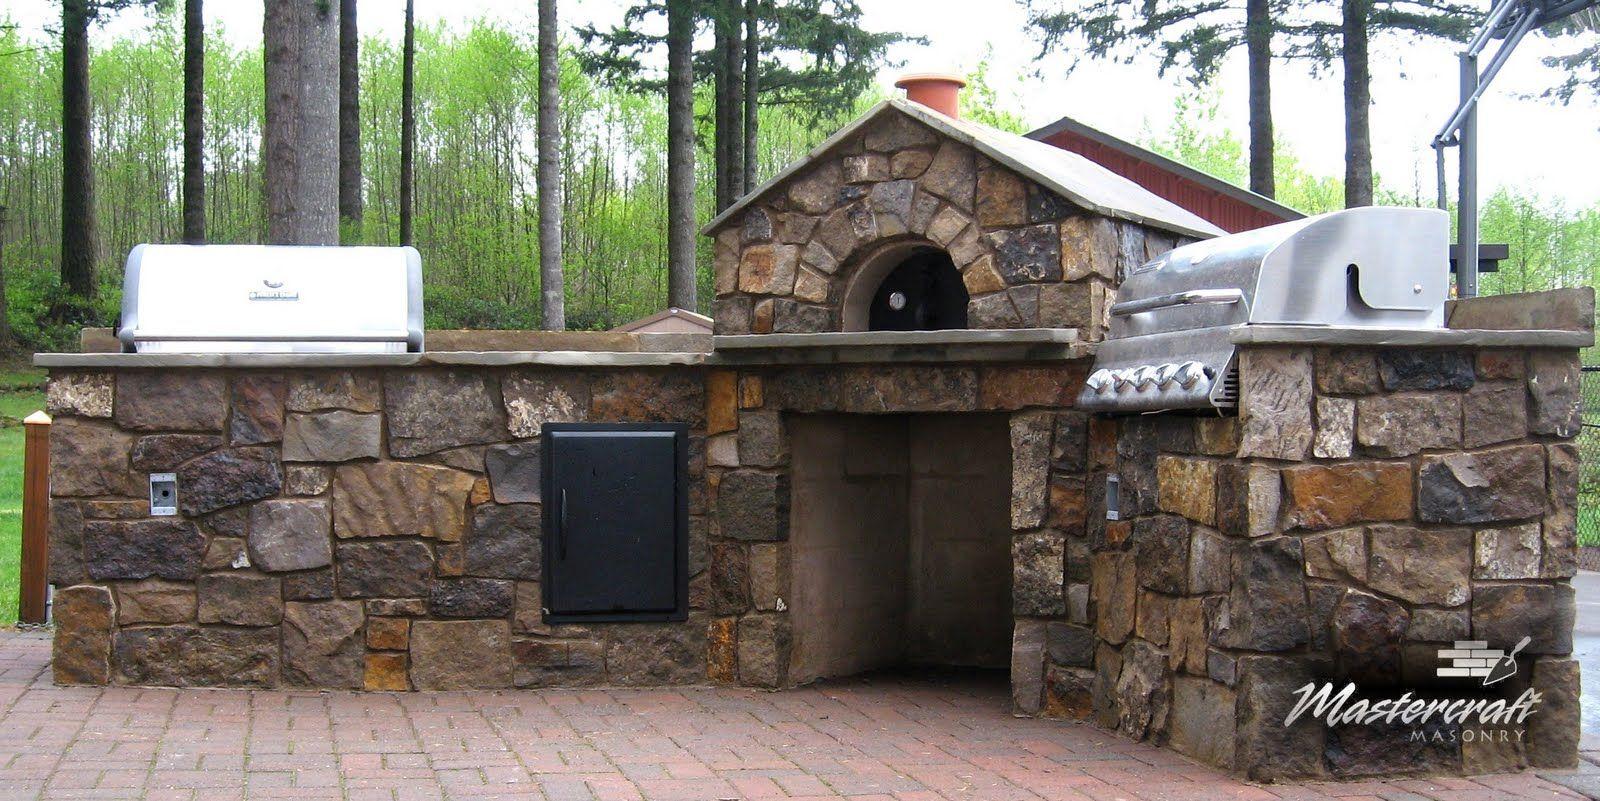 high resolution image door design outdoor pizza oven 1600x801